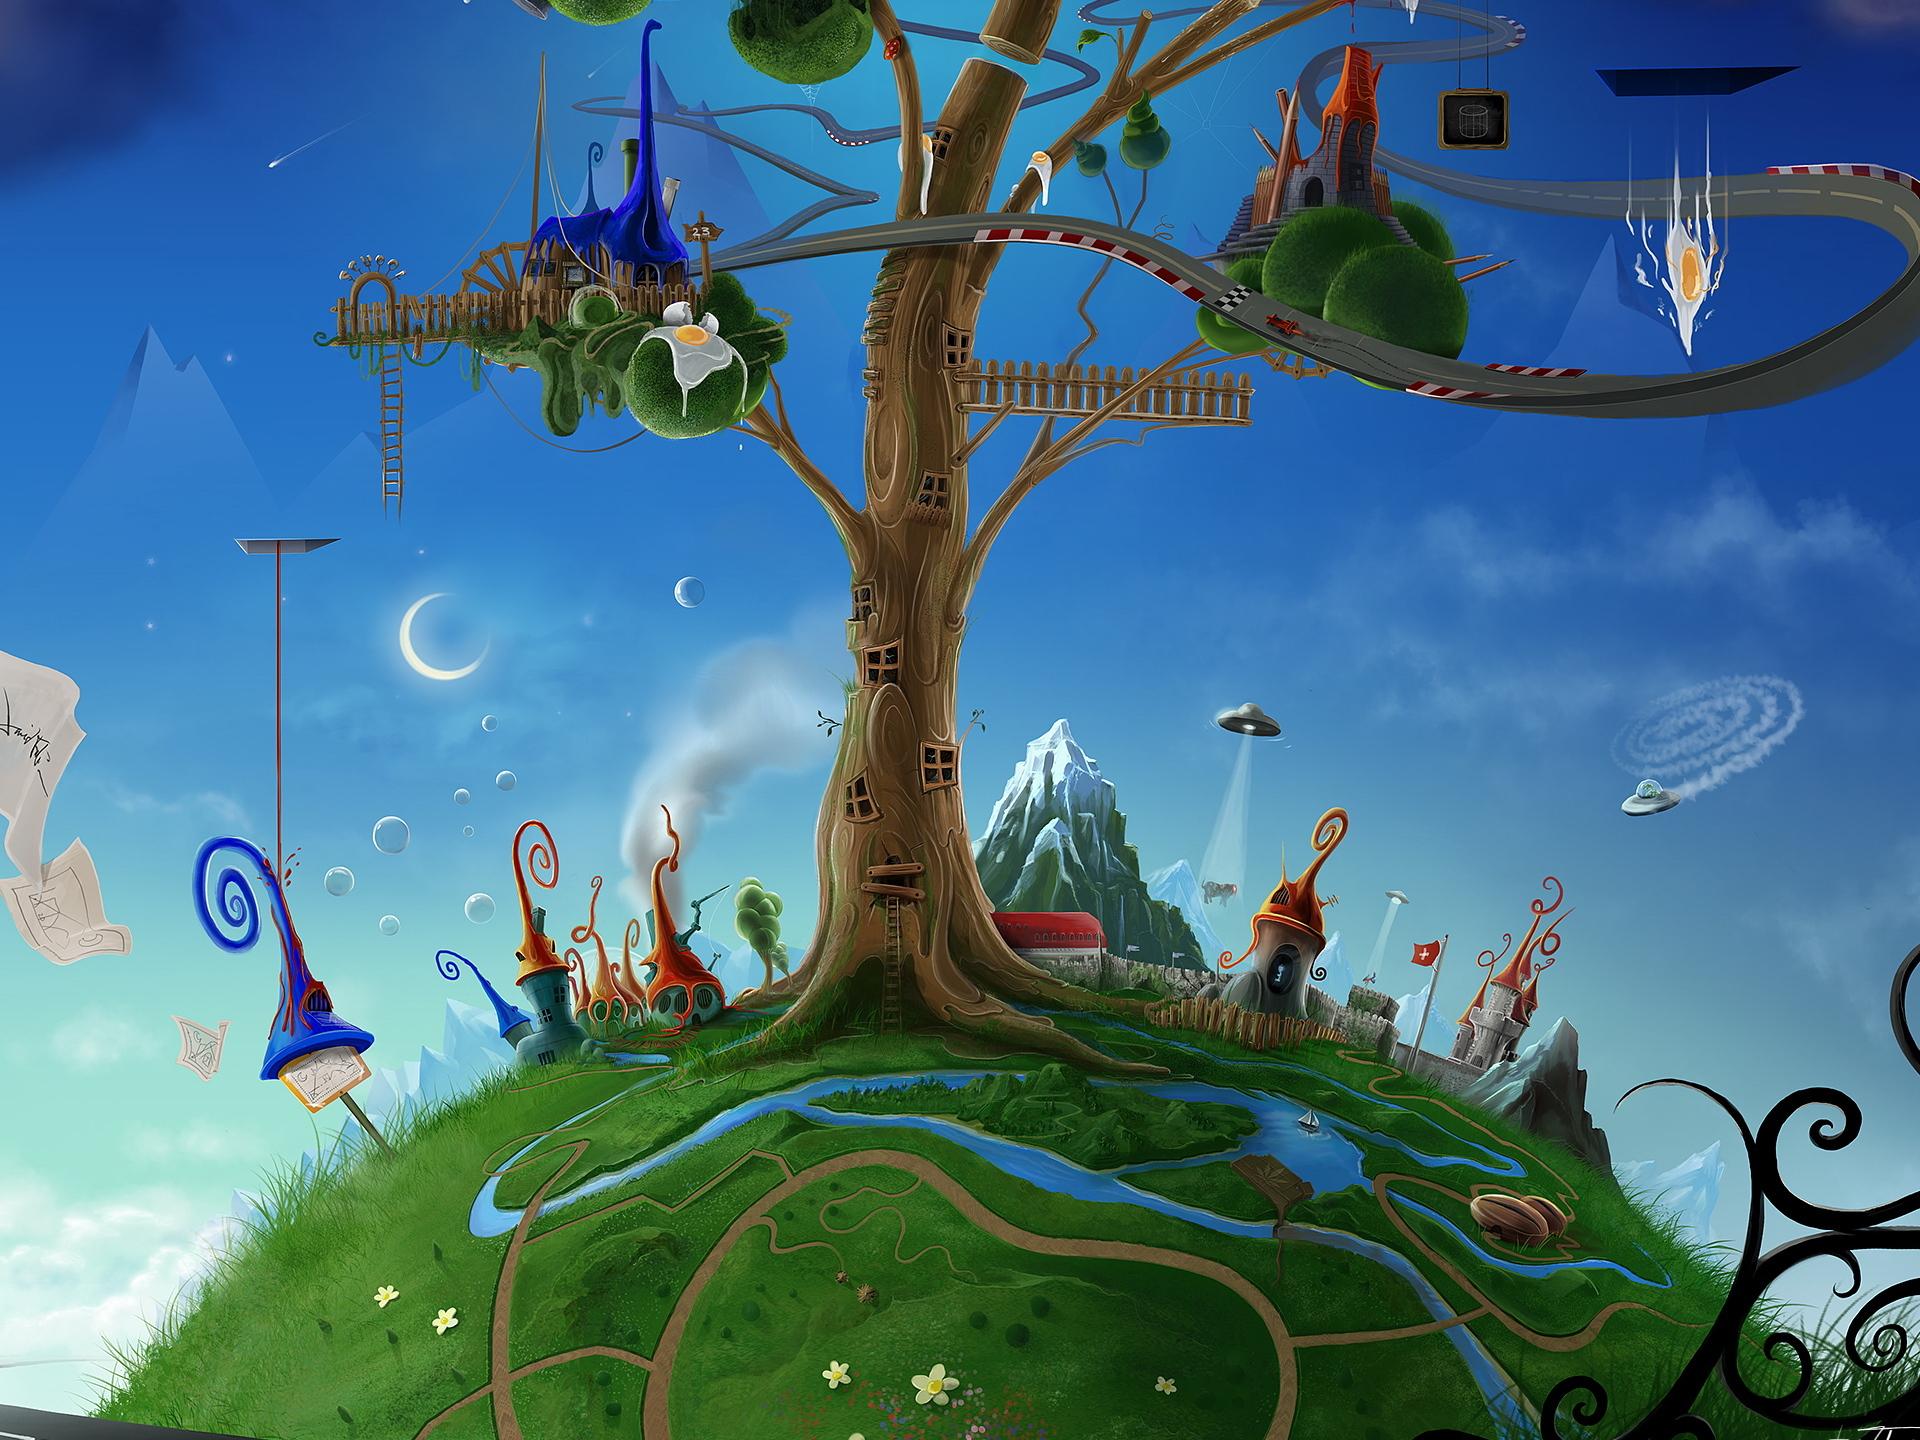 применению мир фантастики рисунки выбираем каких форме